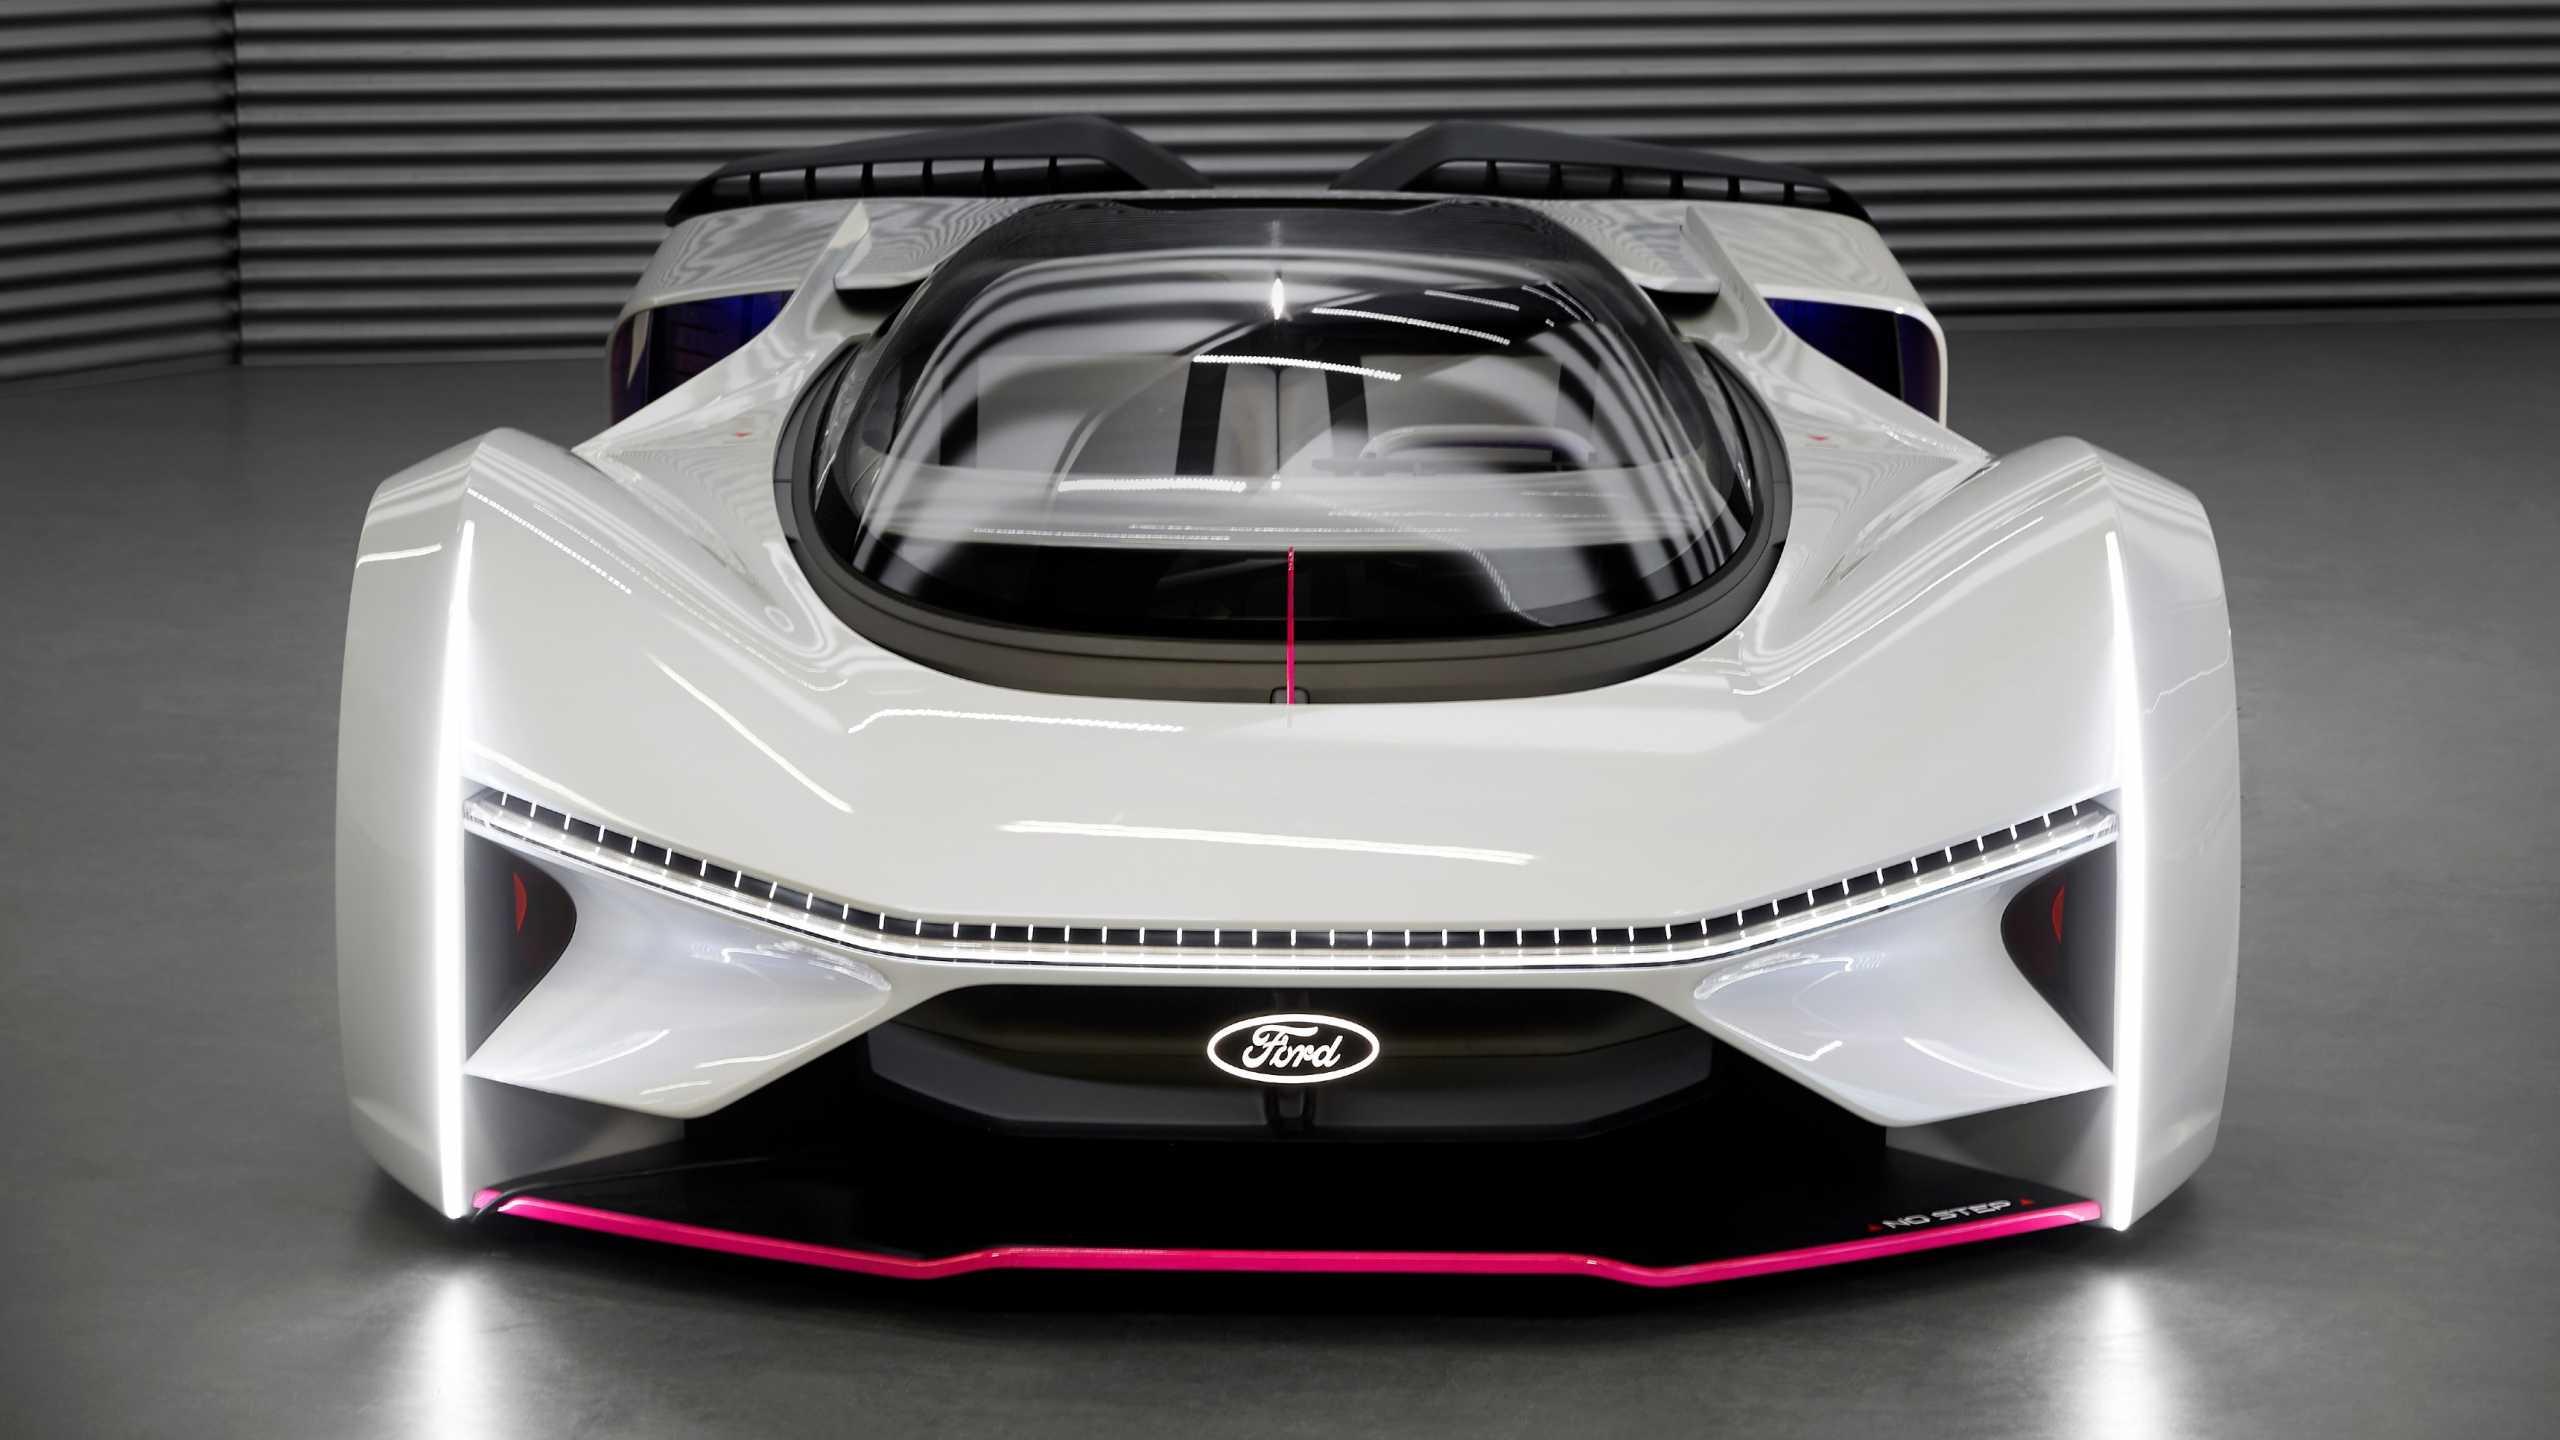 Team Fordzilla P1: Το αγωνιστικό υπεραυτοκίνητο της Ford